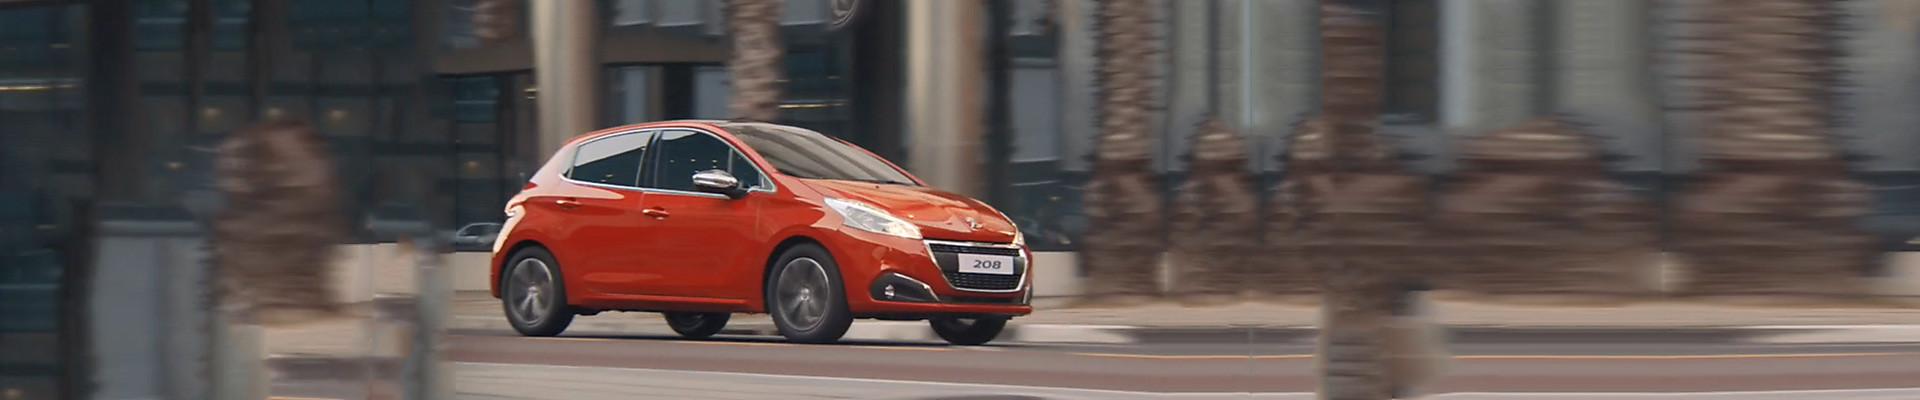 Peugeot 208 Allure Premium in Orange Power